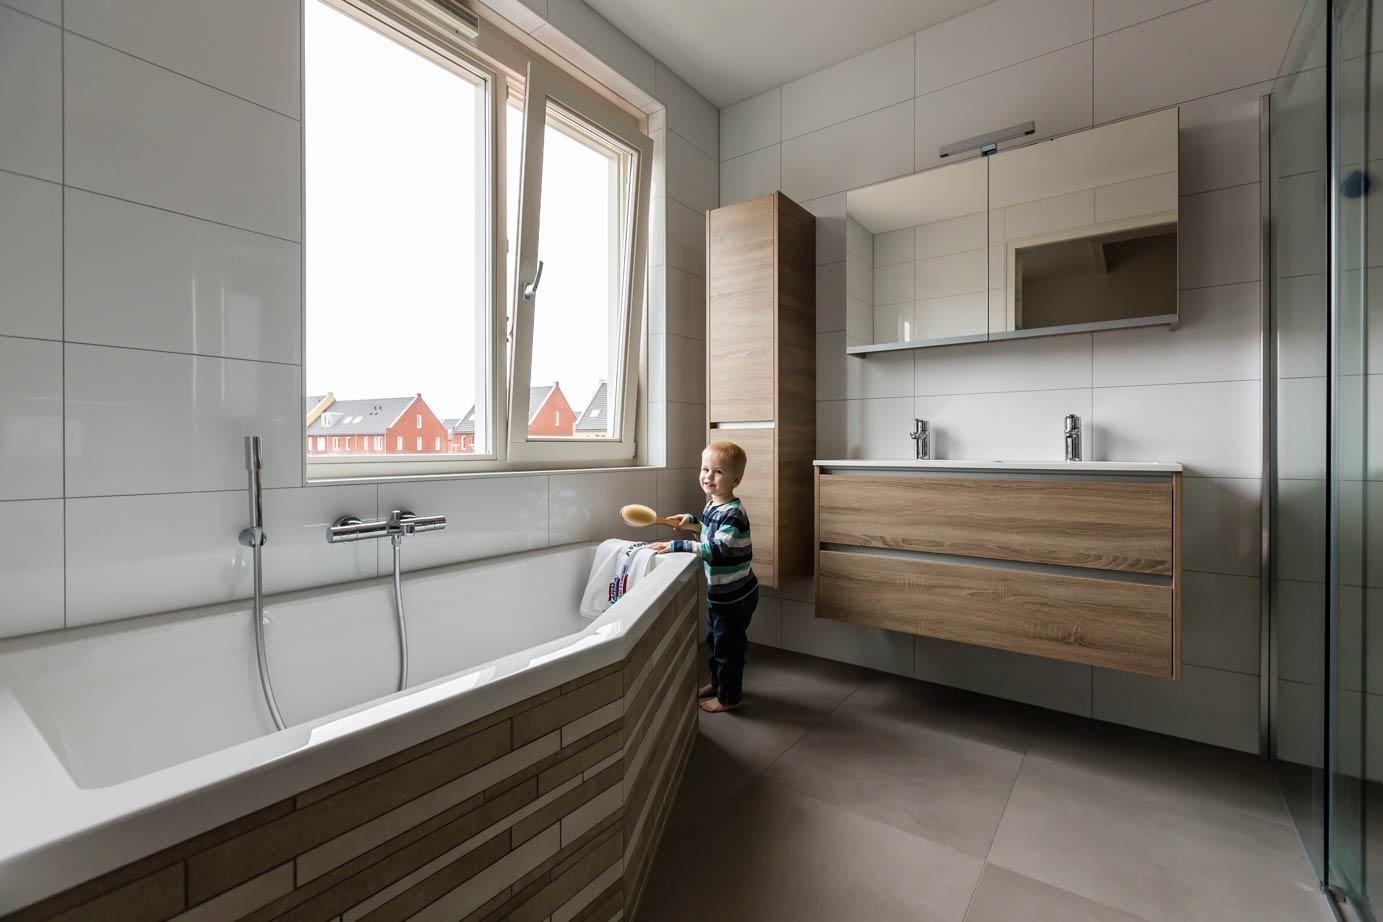 Tegels Badkamer Nunspeet : Badkamer kopen in diemen lees deze klantervaring arma